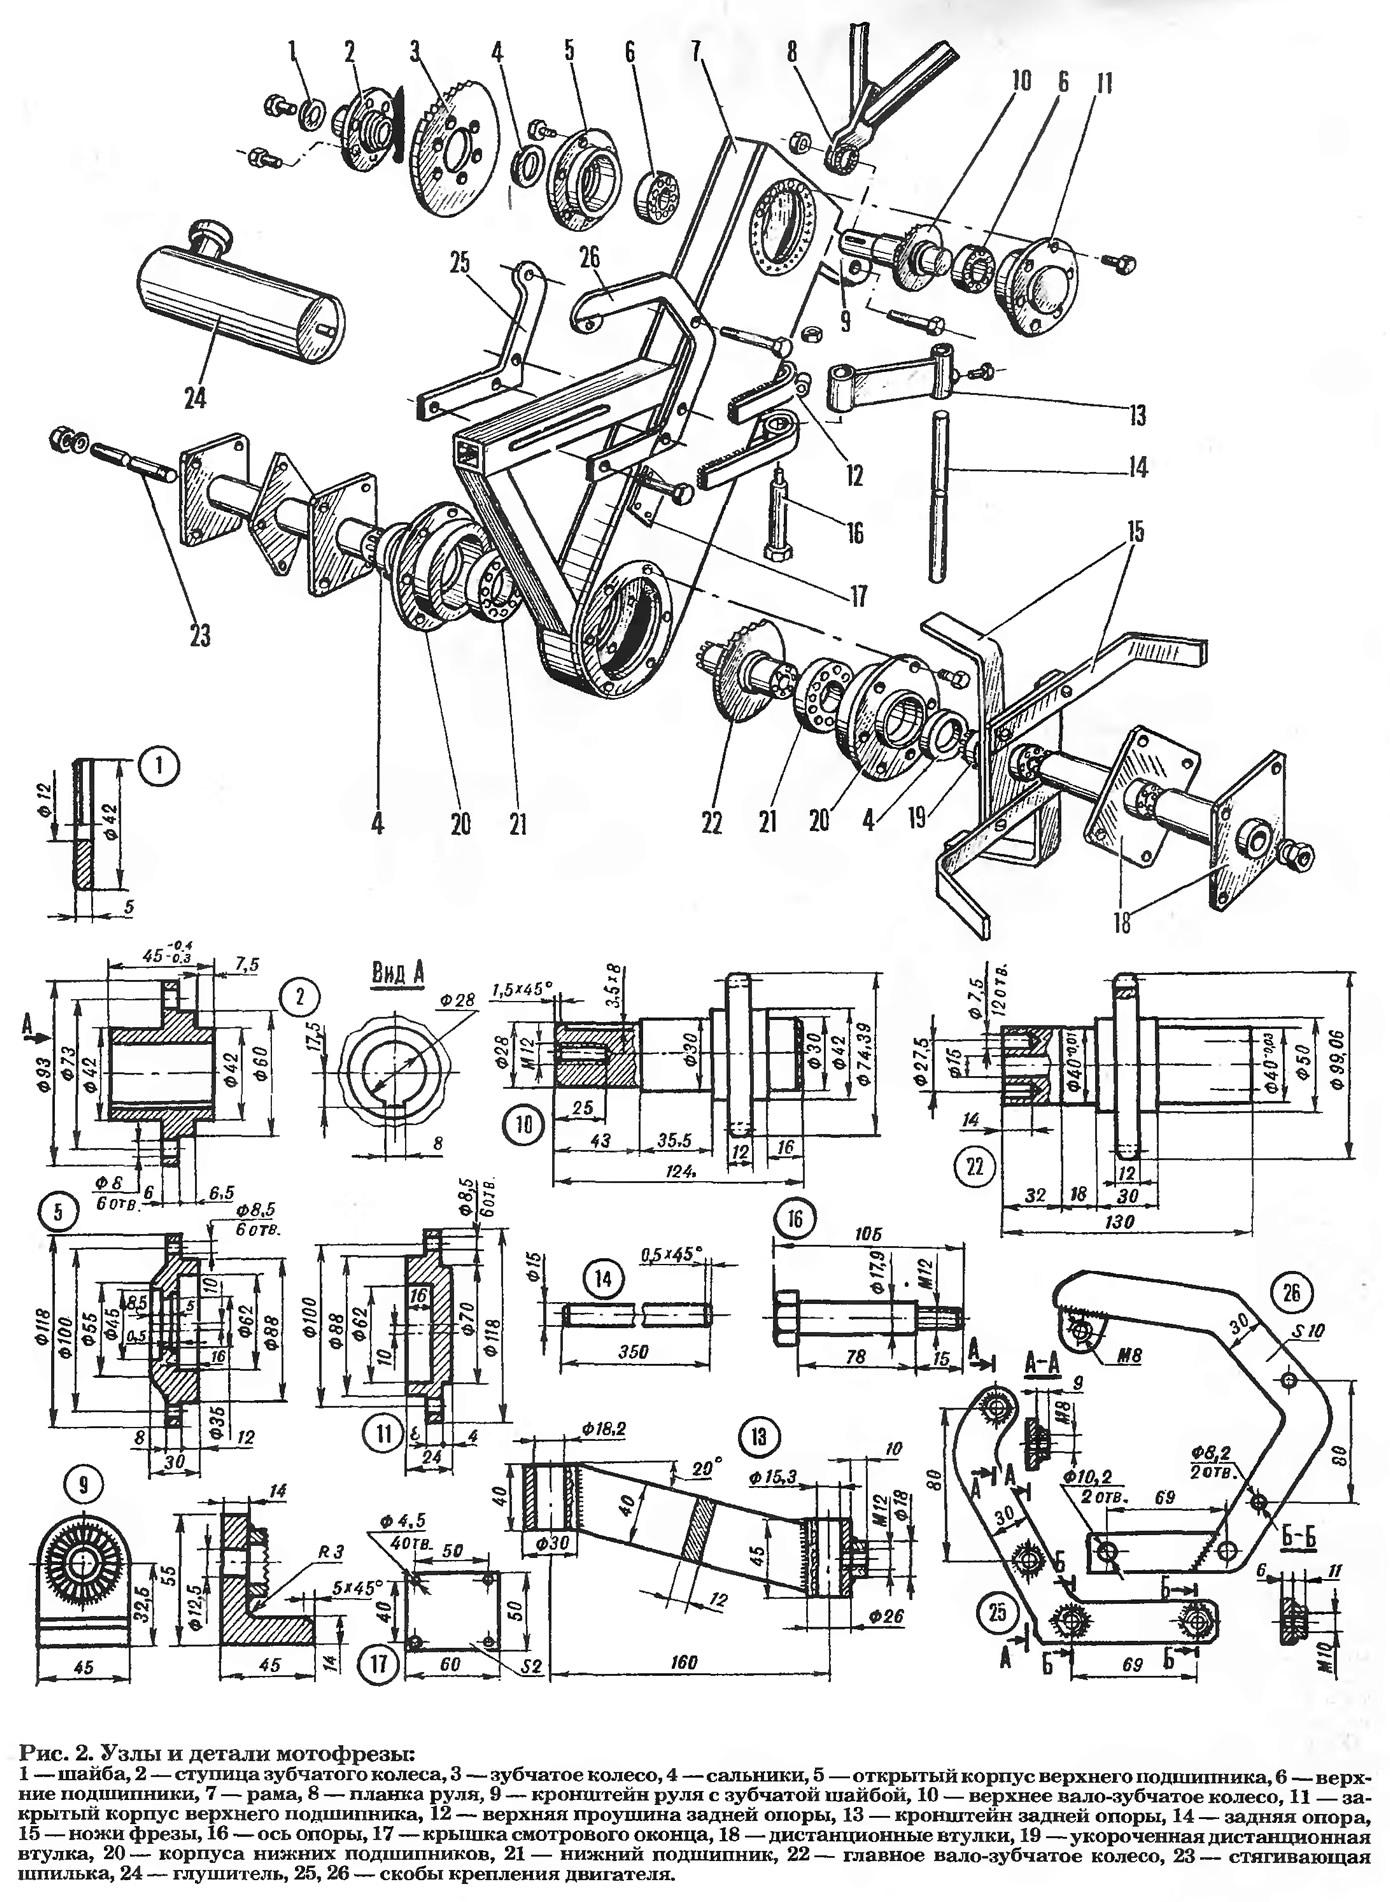 самодельный глушитель для мотоблока из мотоцикла схема